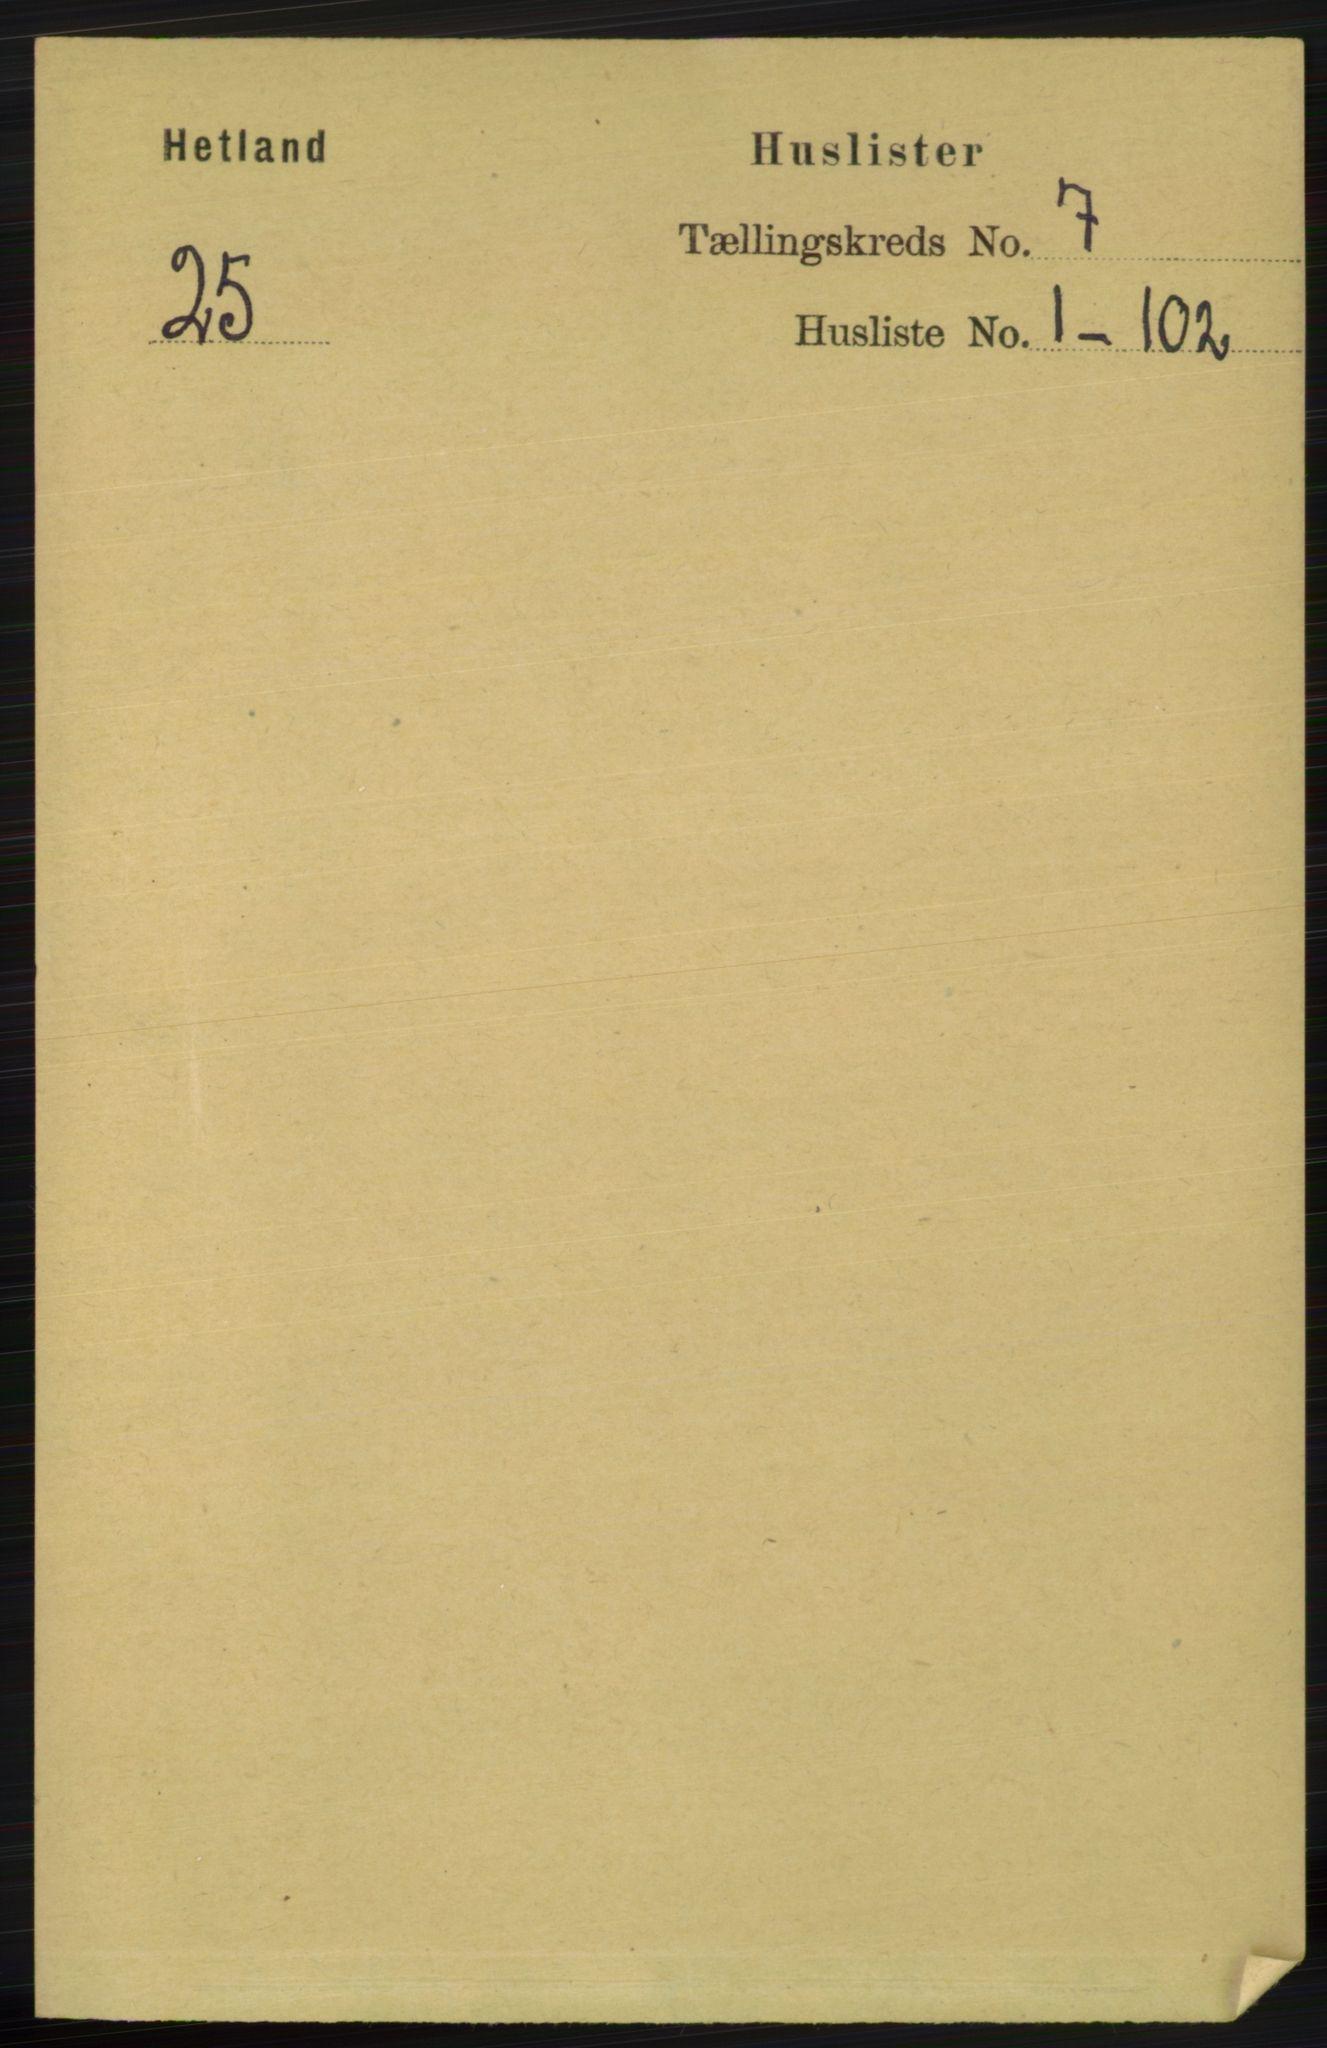 RA, Folketelling 1891 for 1126 Hetland herred, 1891, s. 3670